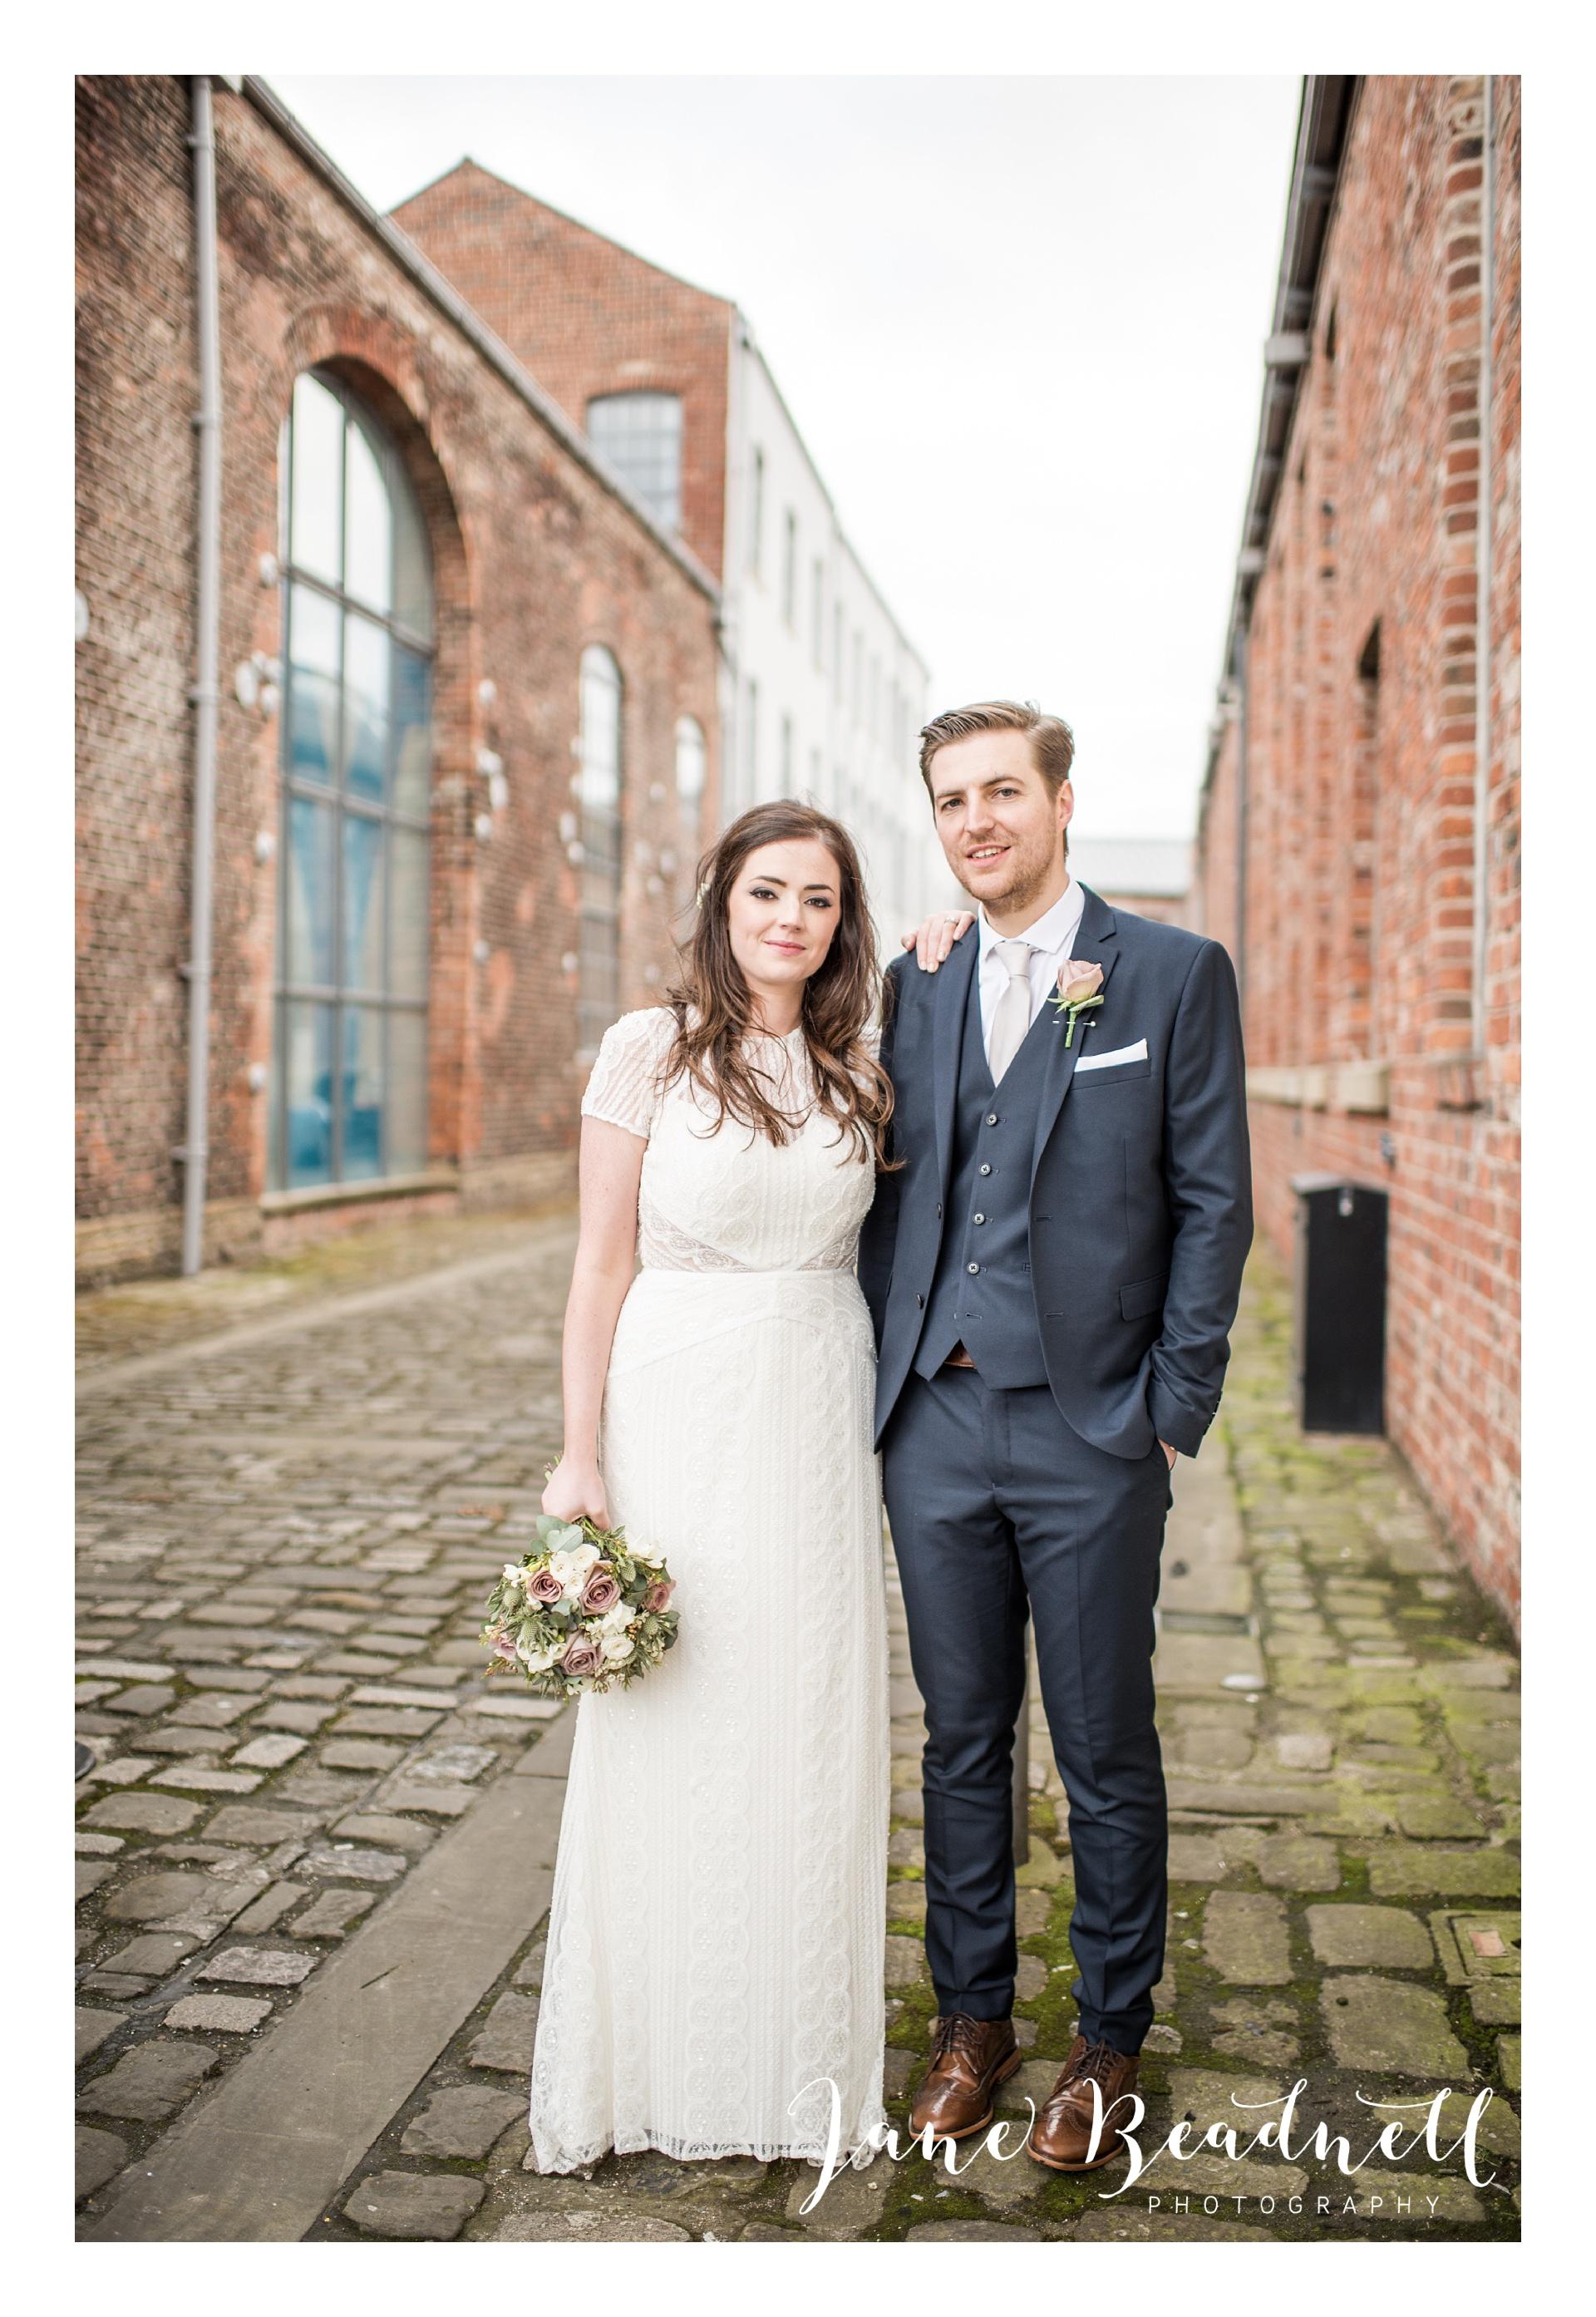 Wedding photography Cross Keys Leeds Wedding Jane Beadnell Photography_0120